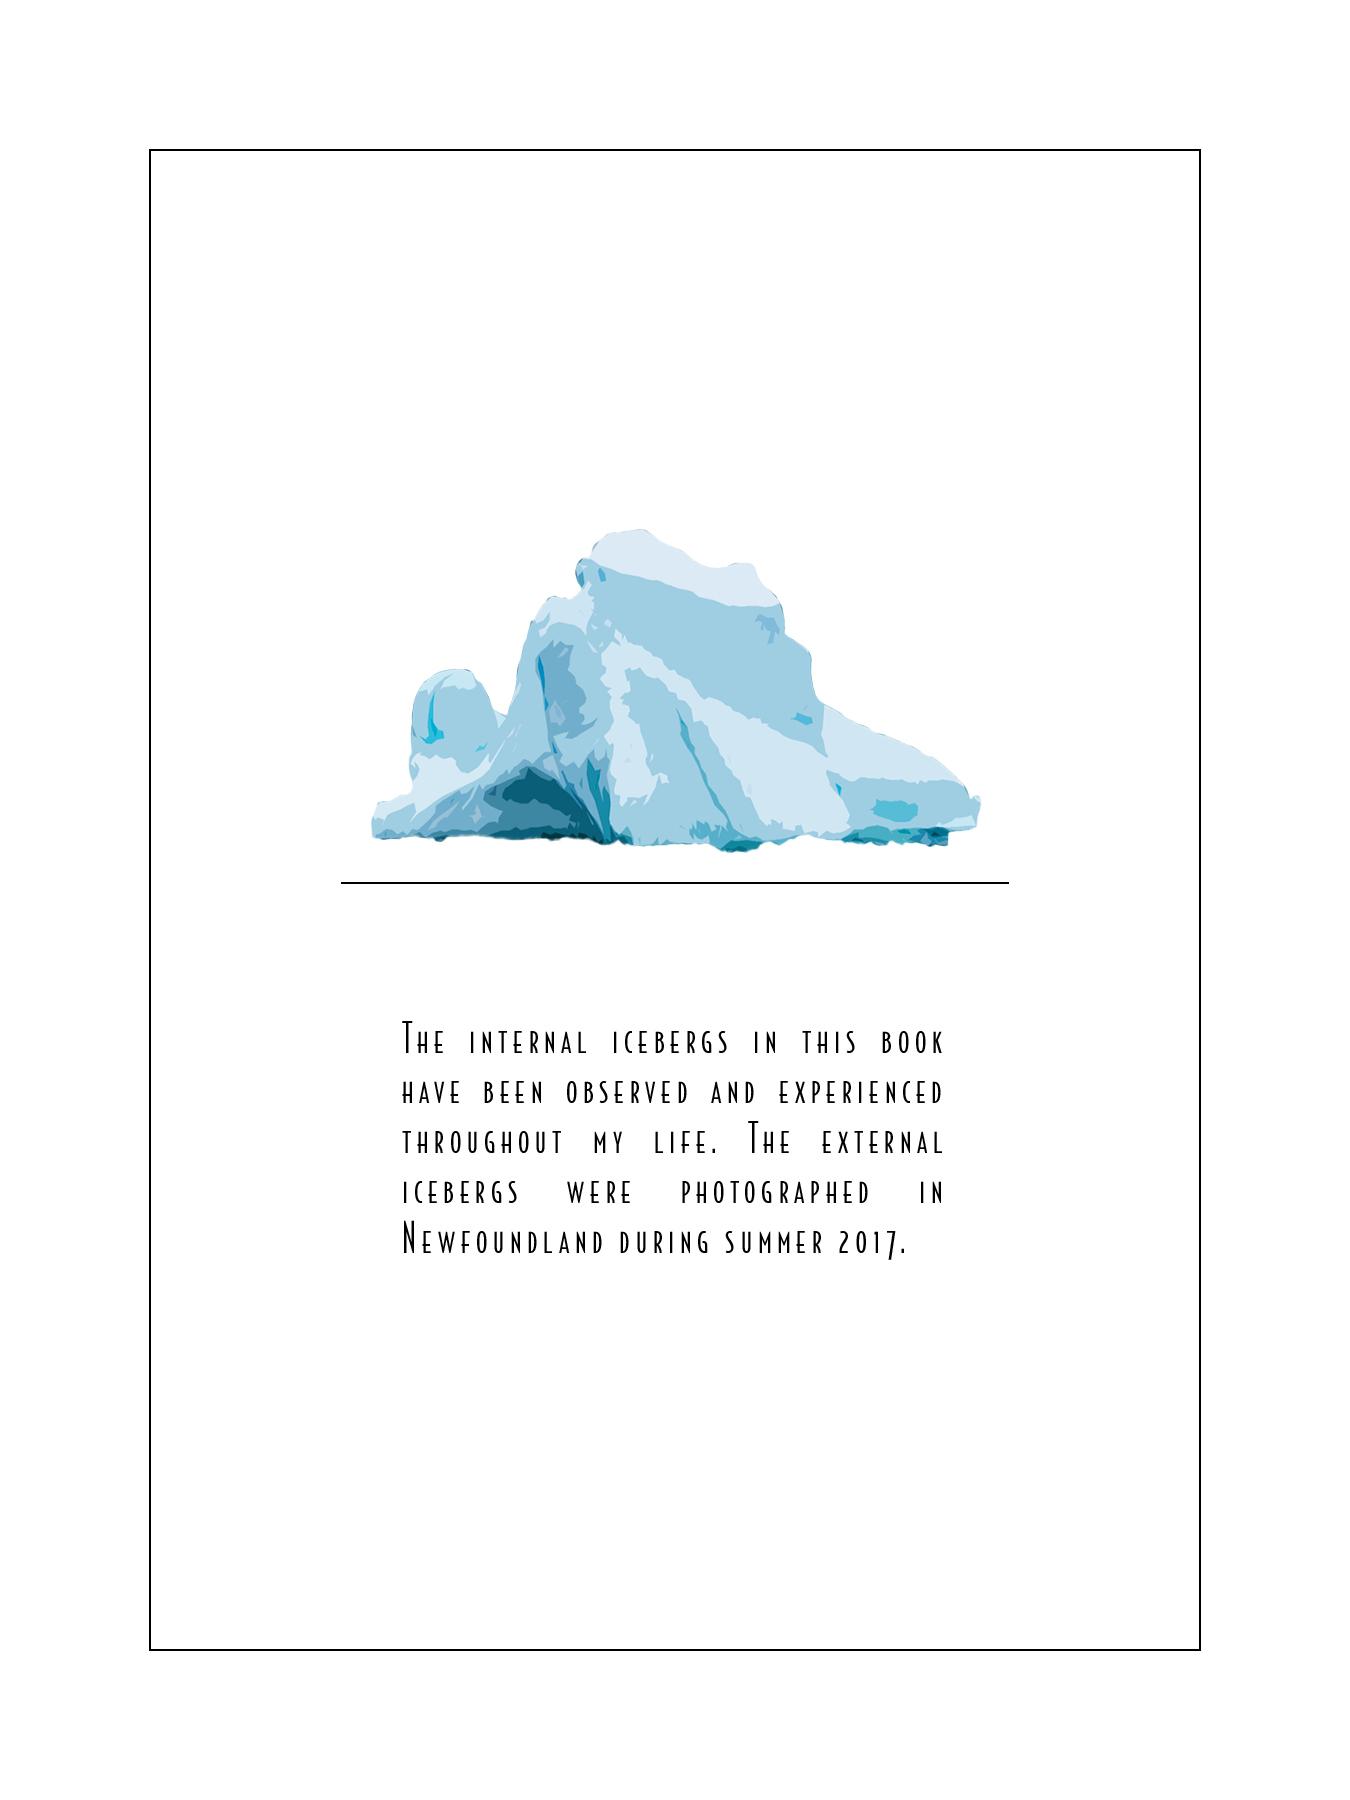 Mansolino_IcebergFieldGuide11.jpg